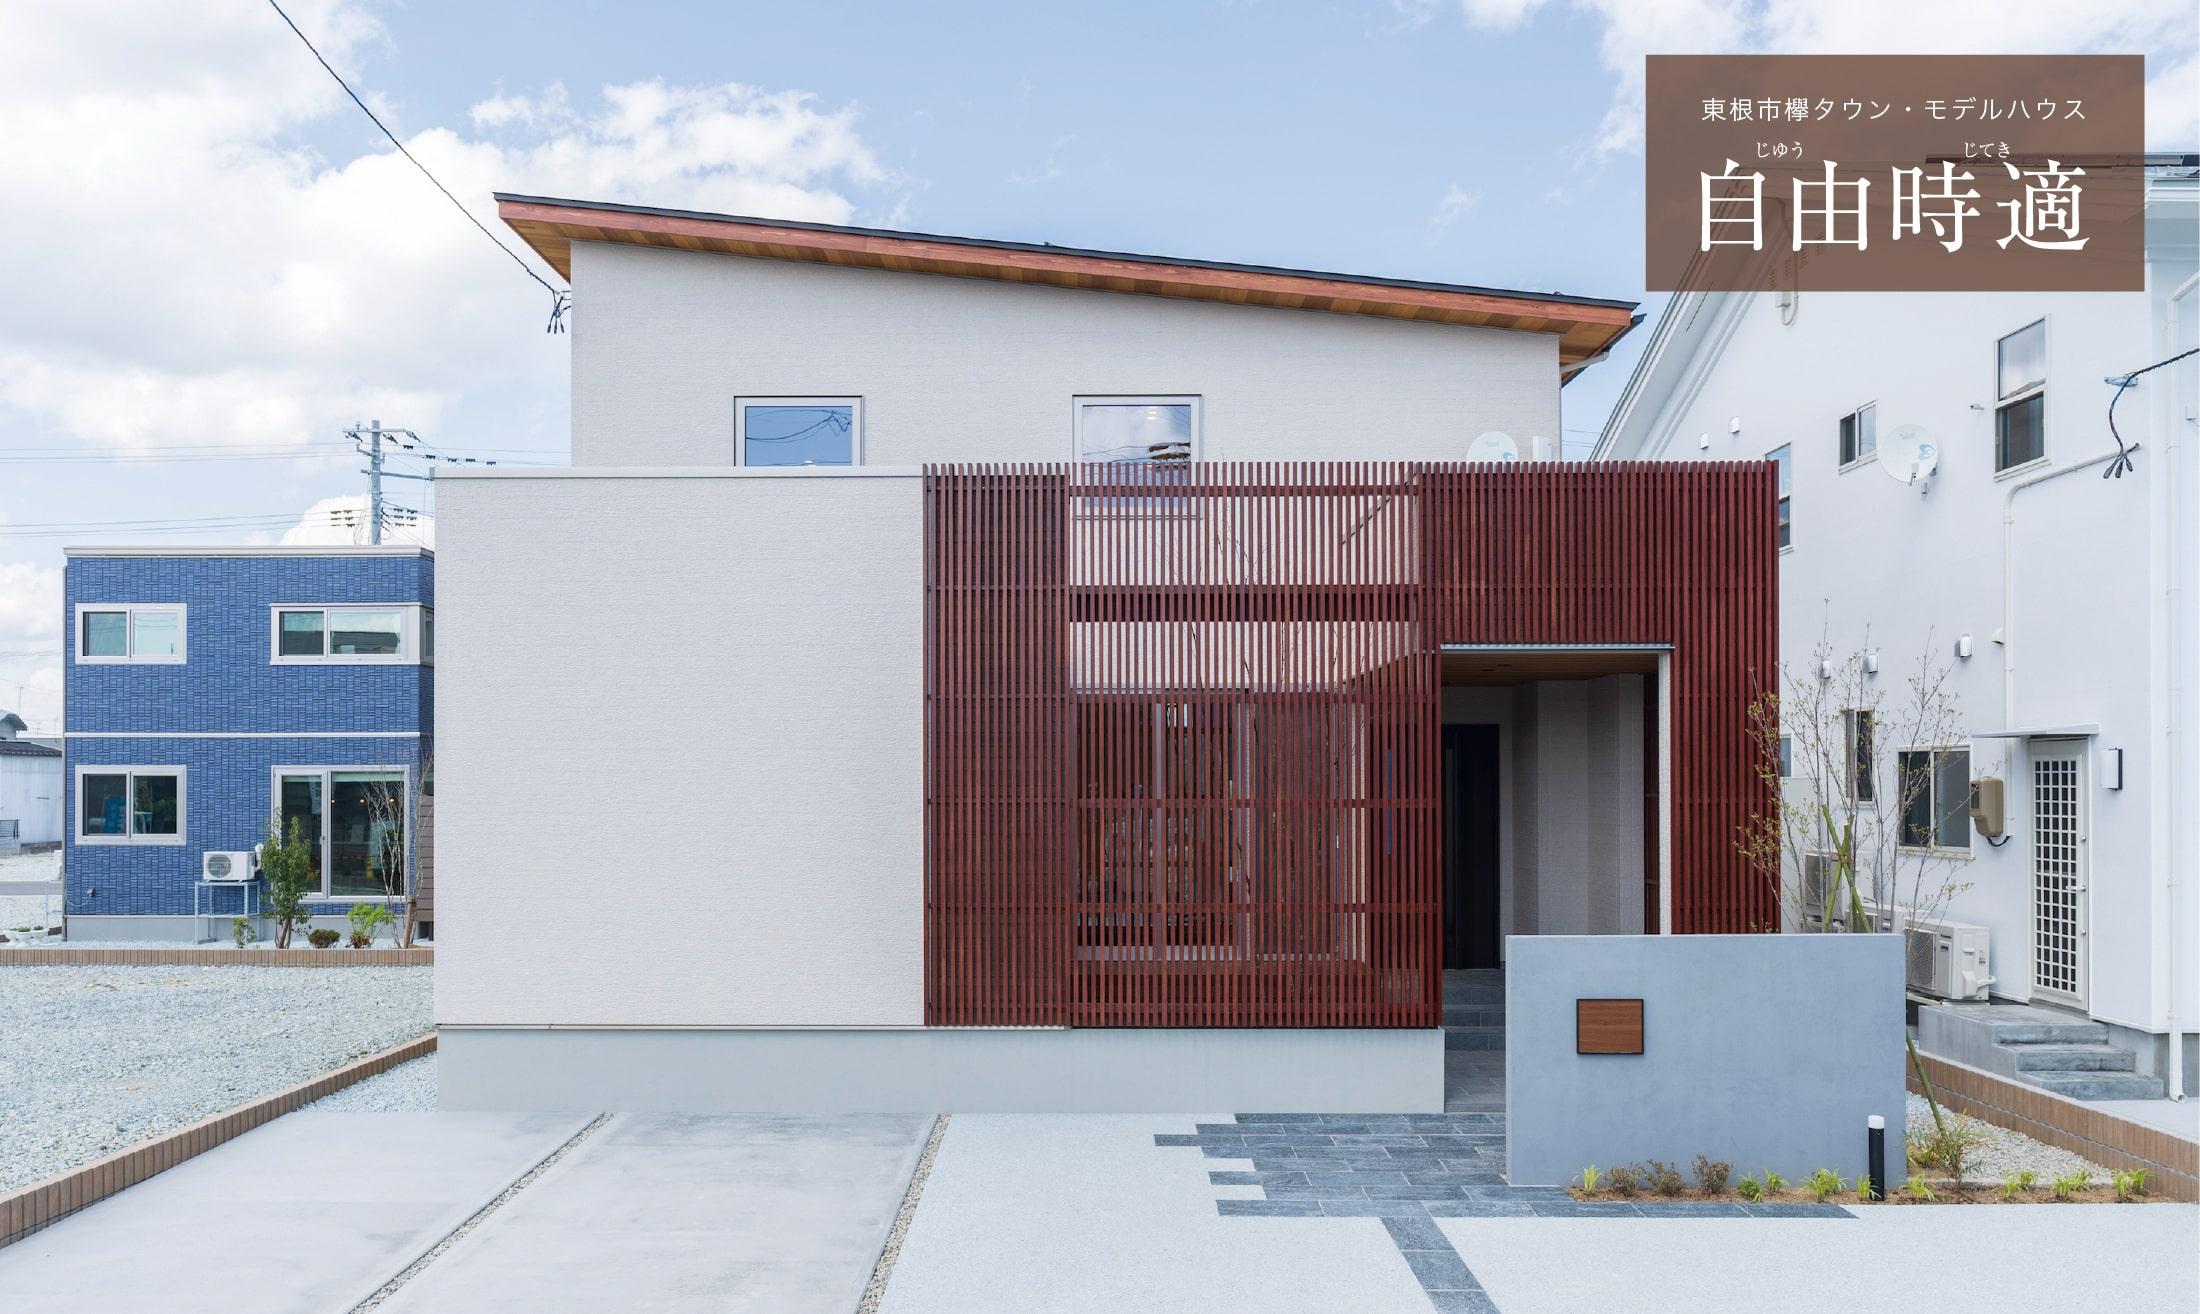 山形県東根市東根プライムタウン「欅タウン2」モデルハウス